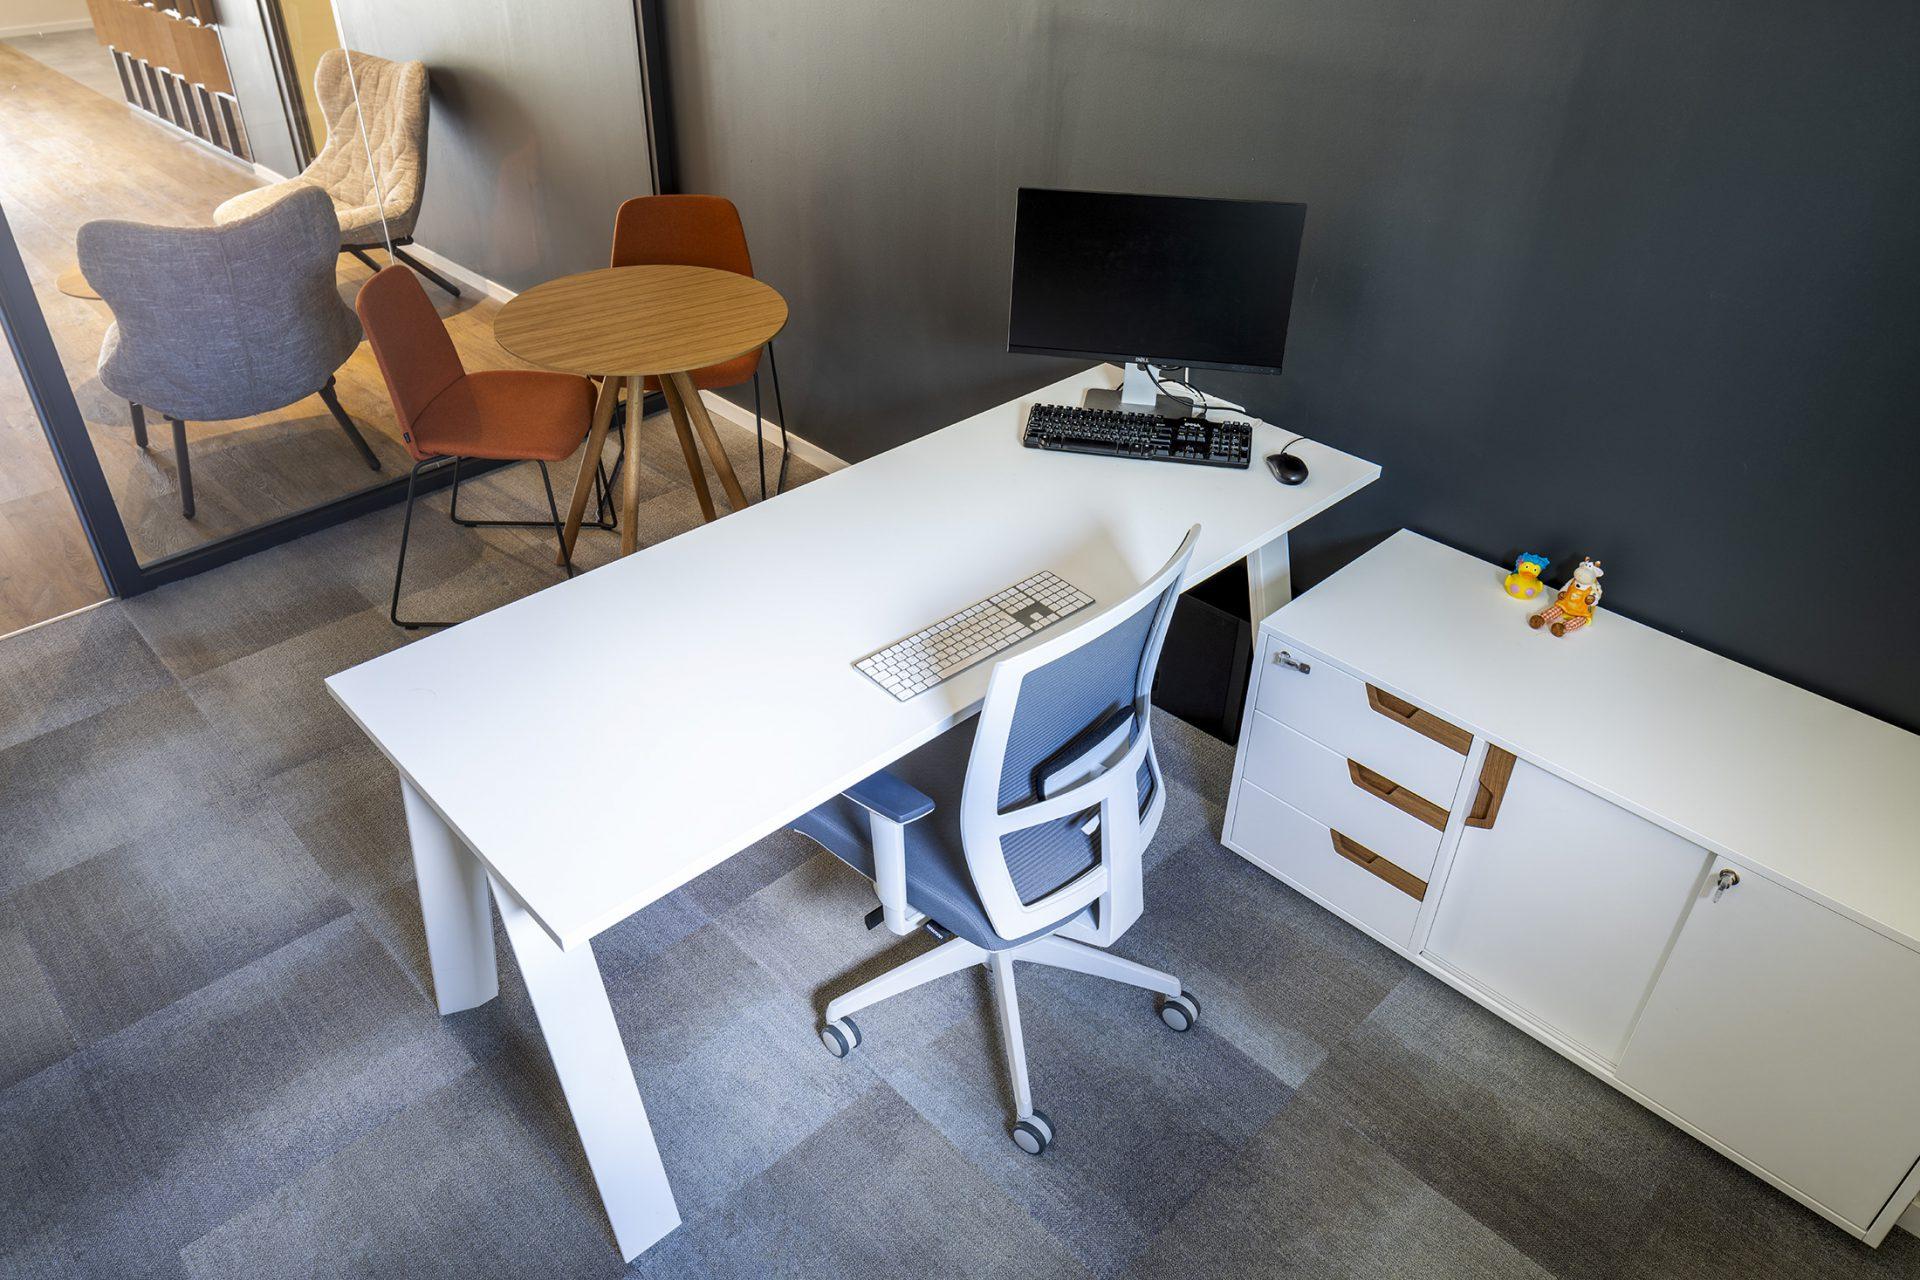 כסא UNNIA TAPIZ , שולחן STIKS, שולחן וארונית ECO